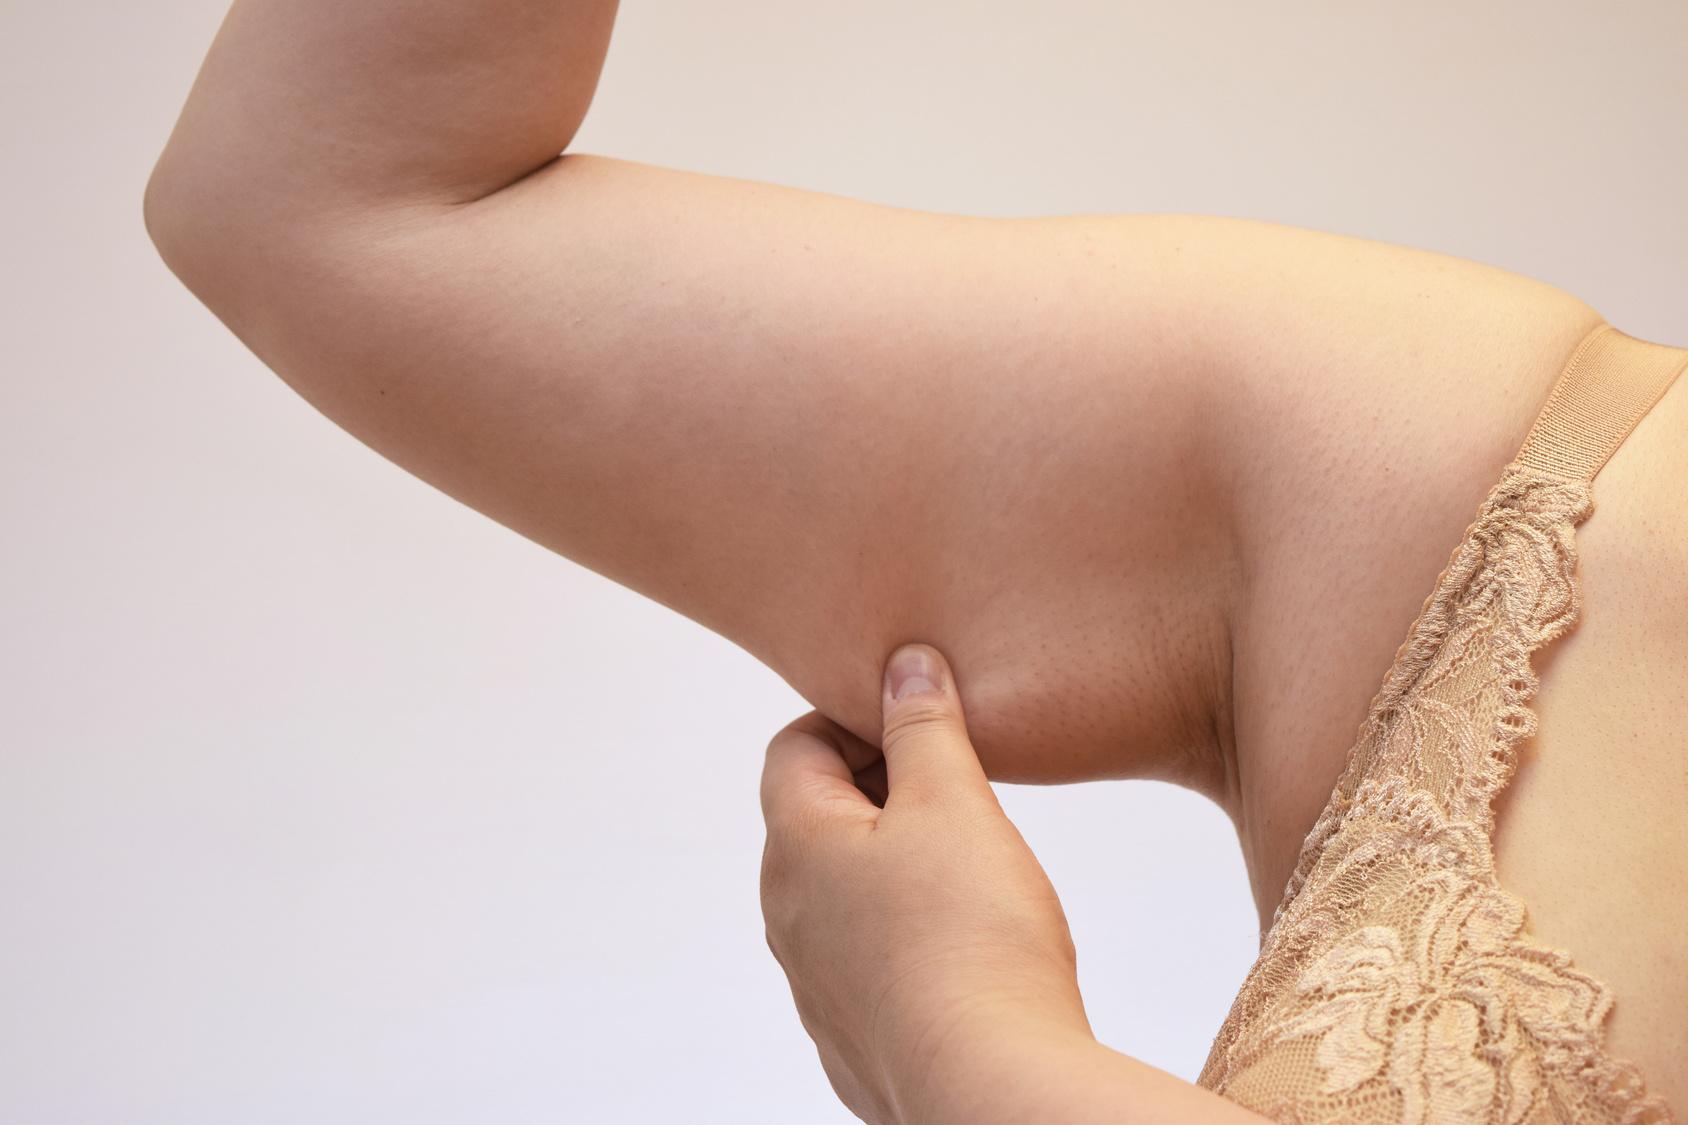 ベイザー脂肪吸引の修正